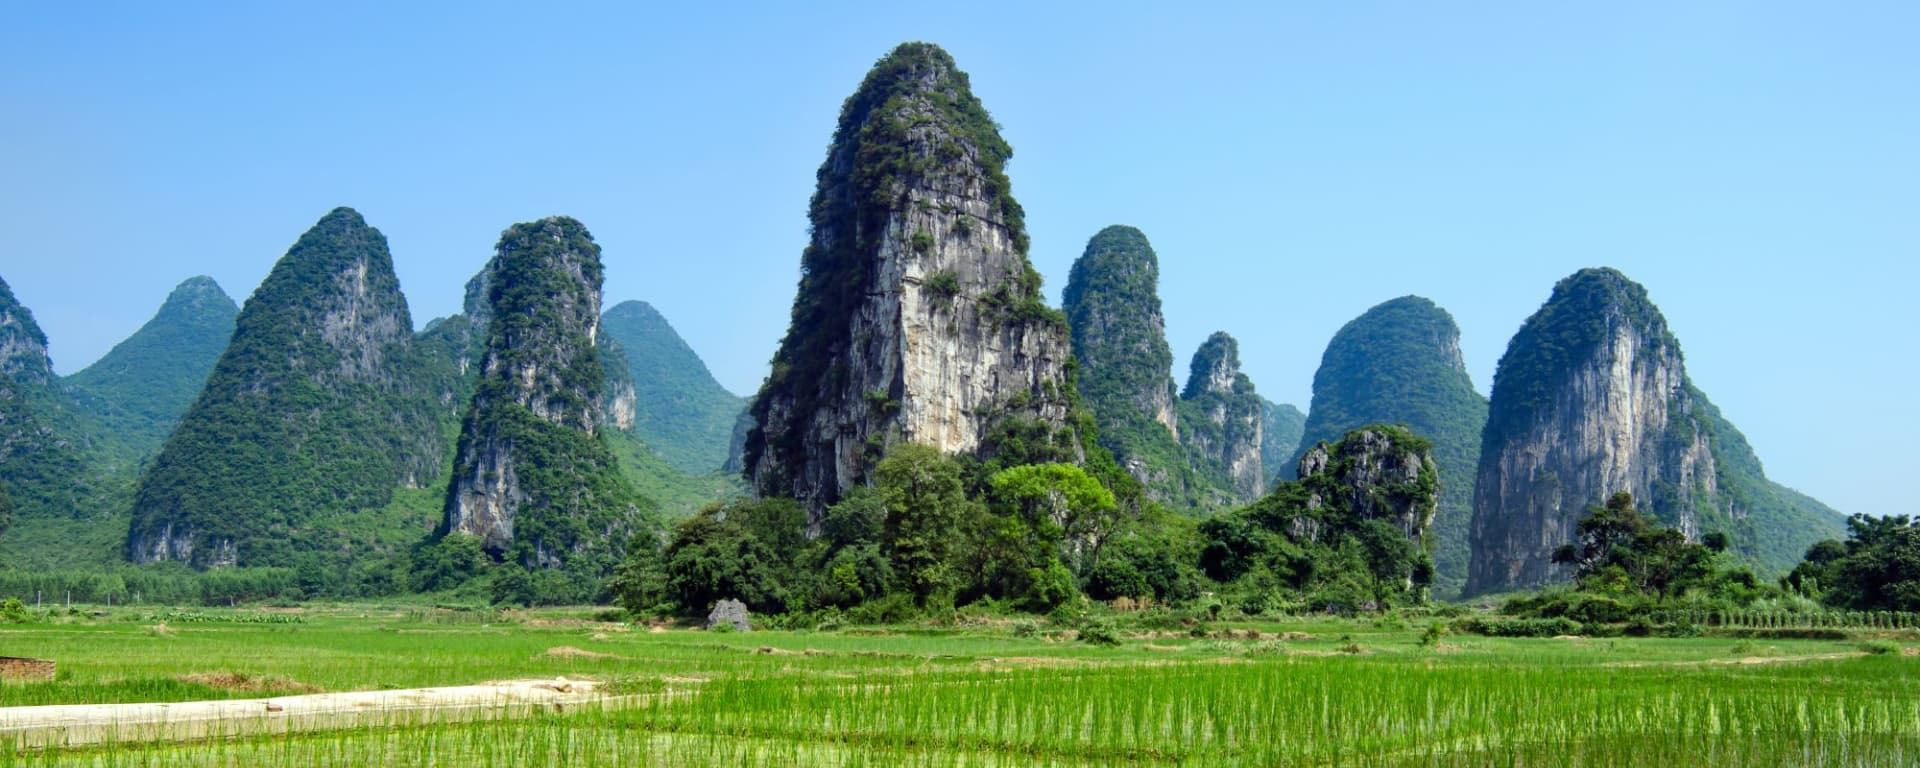 La Chine pour les fins connaisseurs avec une croisière de luxe sur le Yangtze de Pékin: Yangshuo stunning countryside